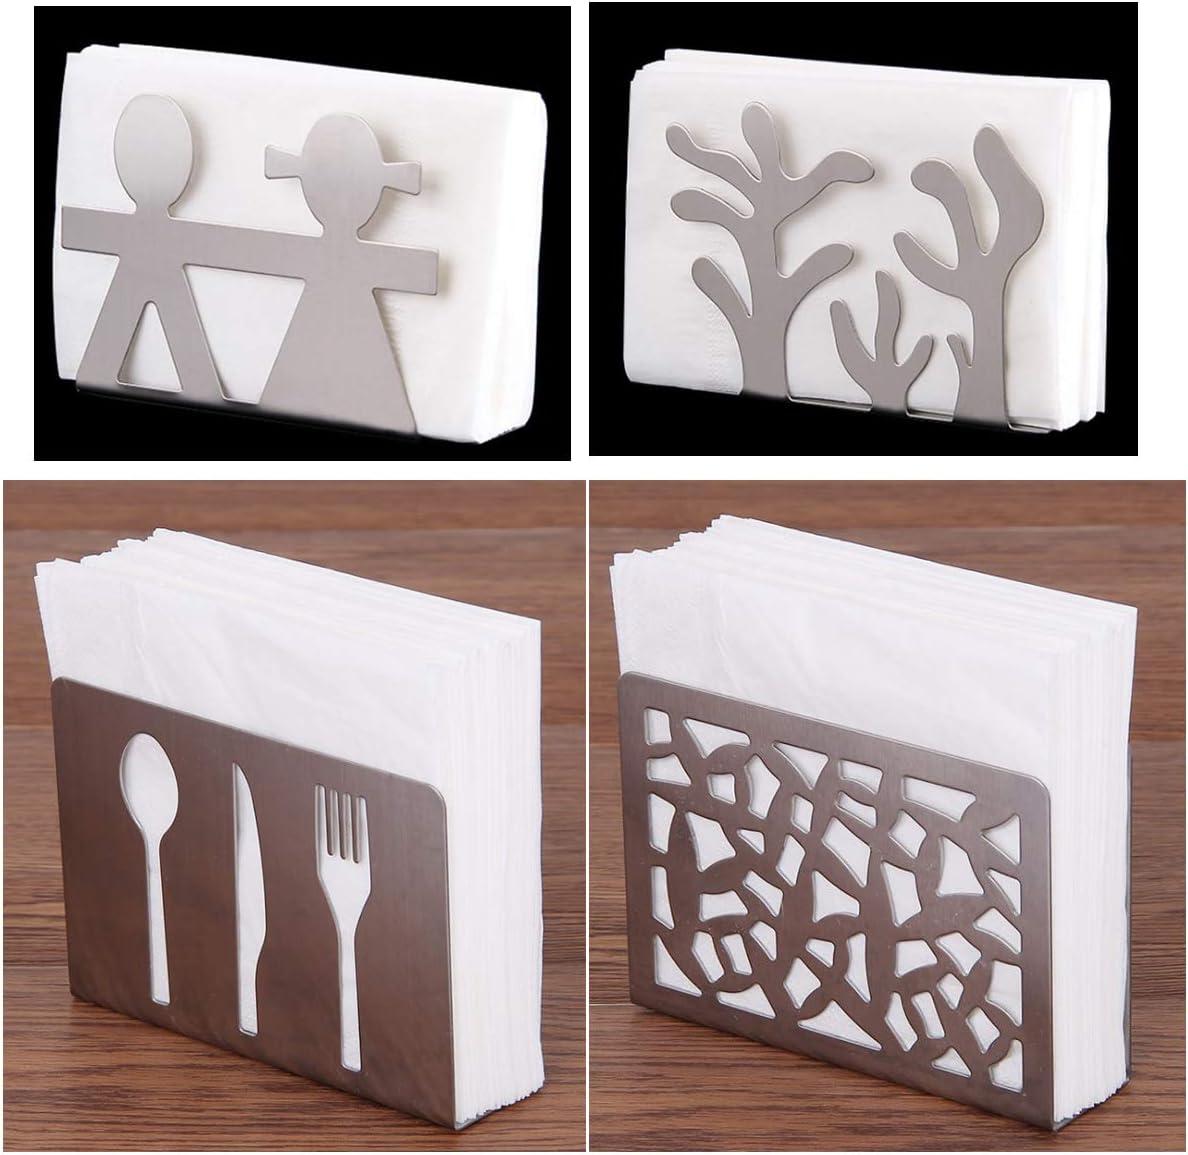 Stilvolle und Elegante Formen verleihen Ihrem Esstisch Atmosph/äre N+A Edelstahl Serviettenhalter Serviette Halter Metall Tisch Dekor